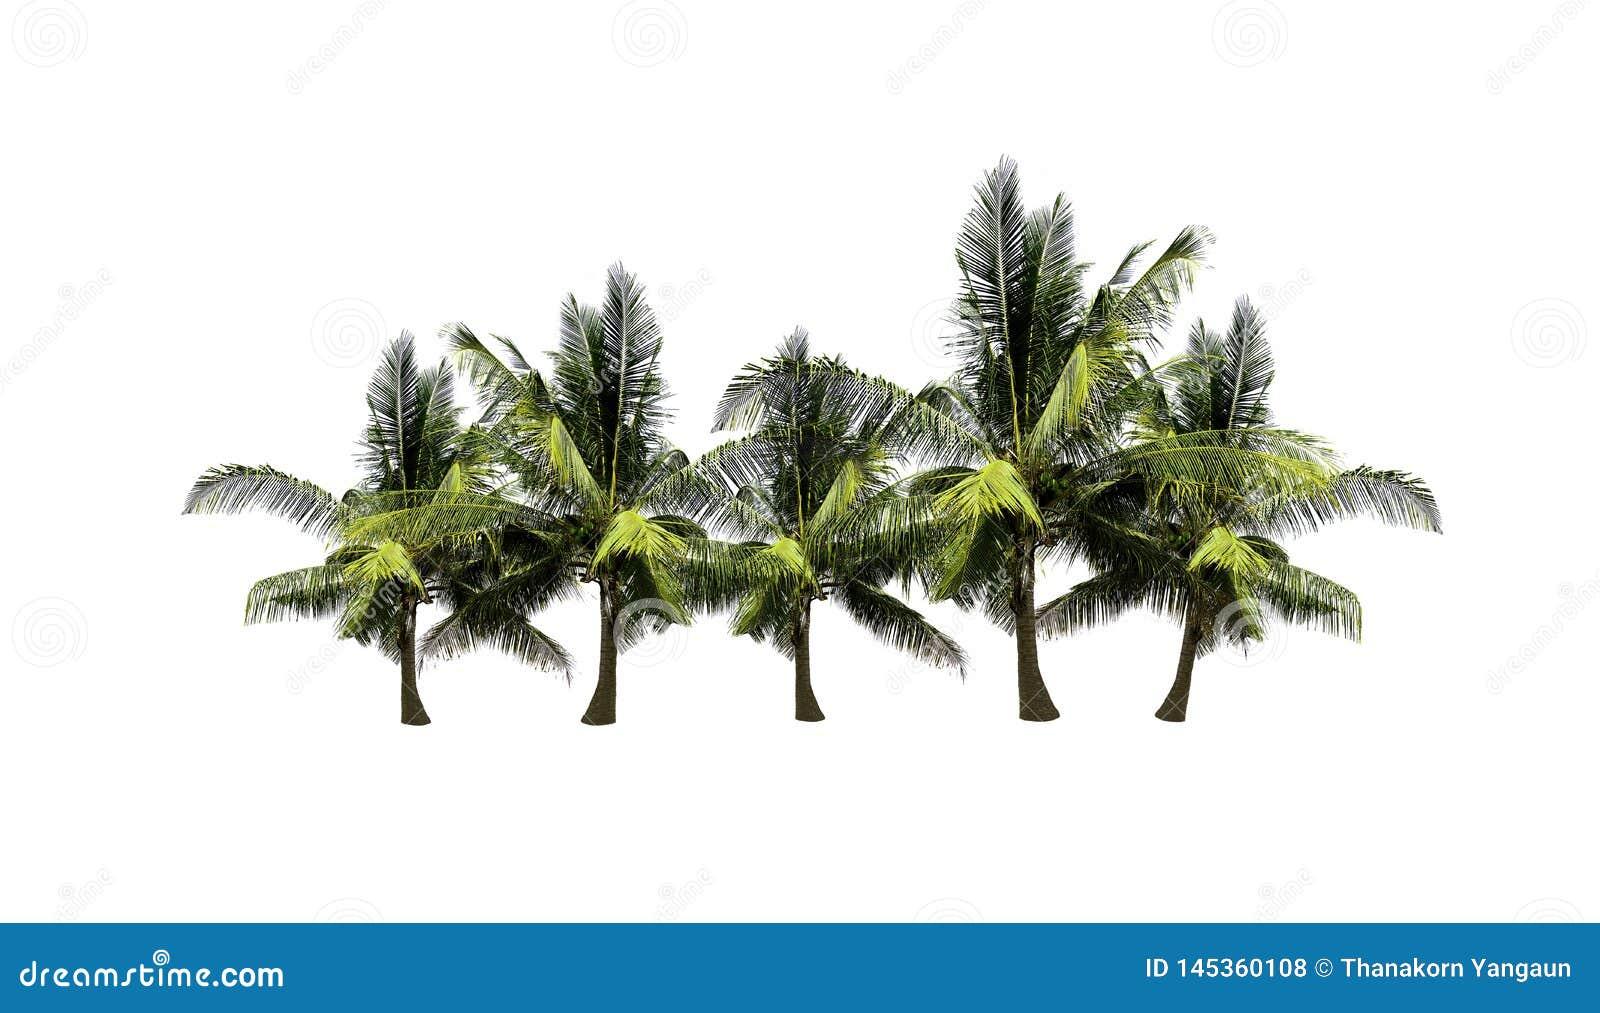 Σύνολο δέντρων καρύδων που απομονώνεται στο άσπρο υπόβαθρο